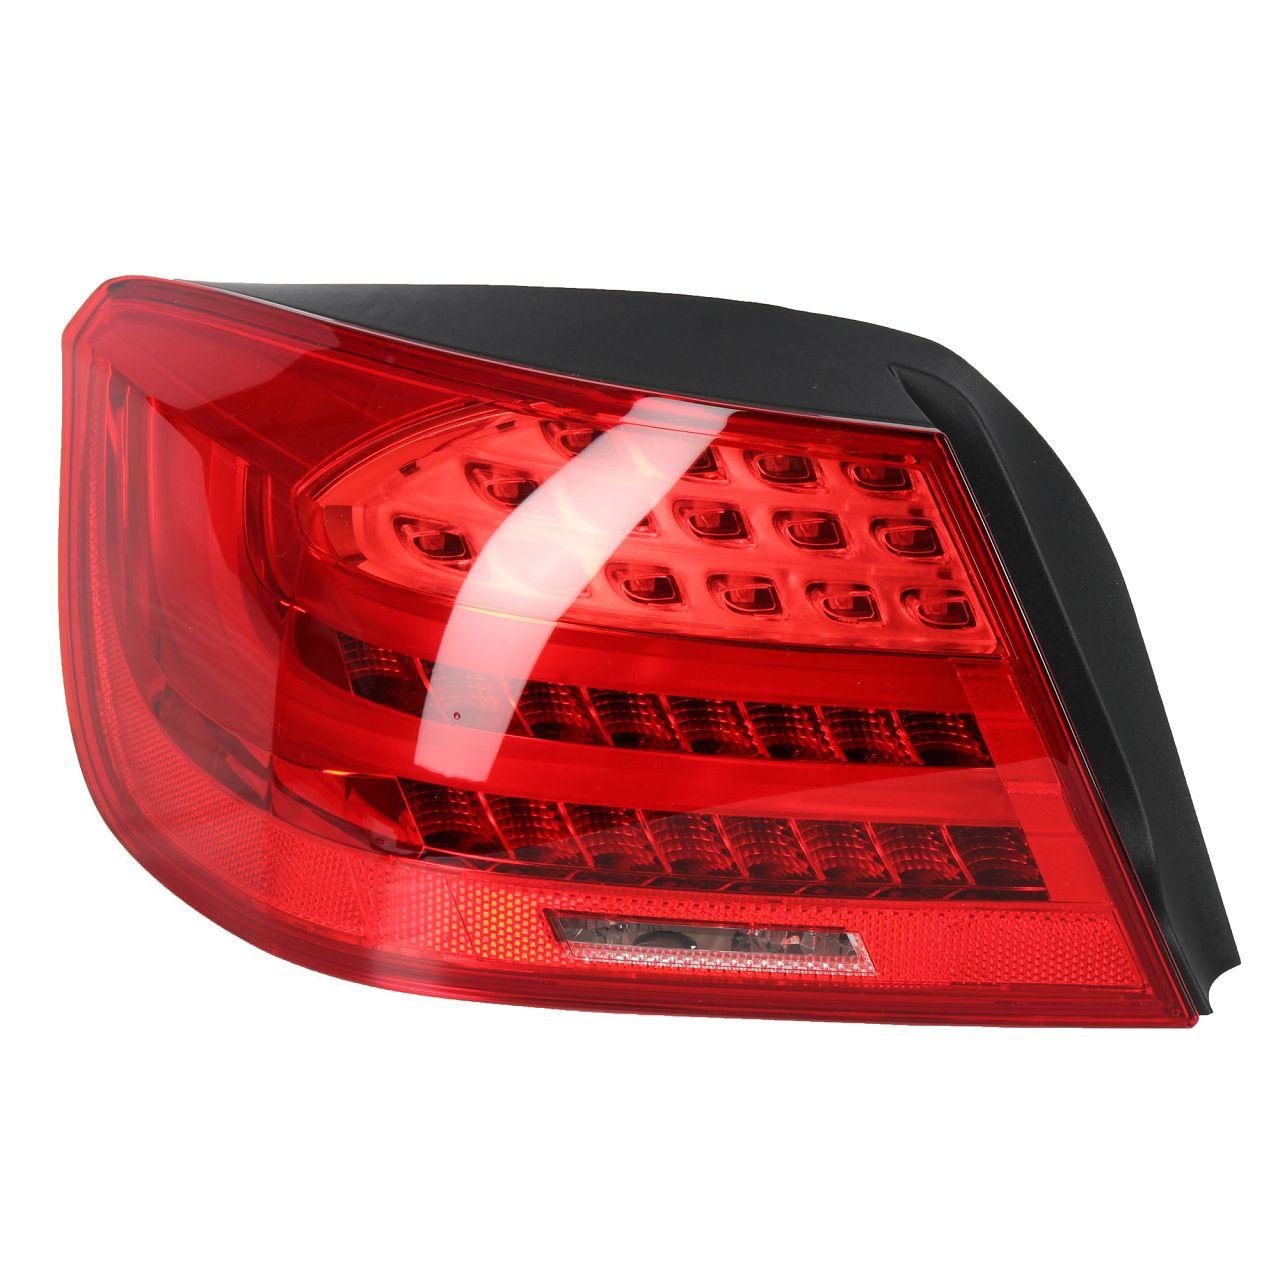 ULO Heckleuchte Rückleuchte LED für BMW 3er CABRIO E93 Facelift AUSSEN LINKS